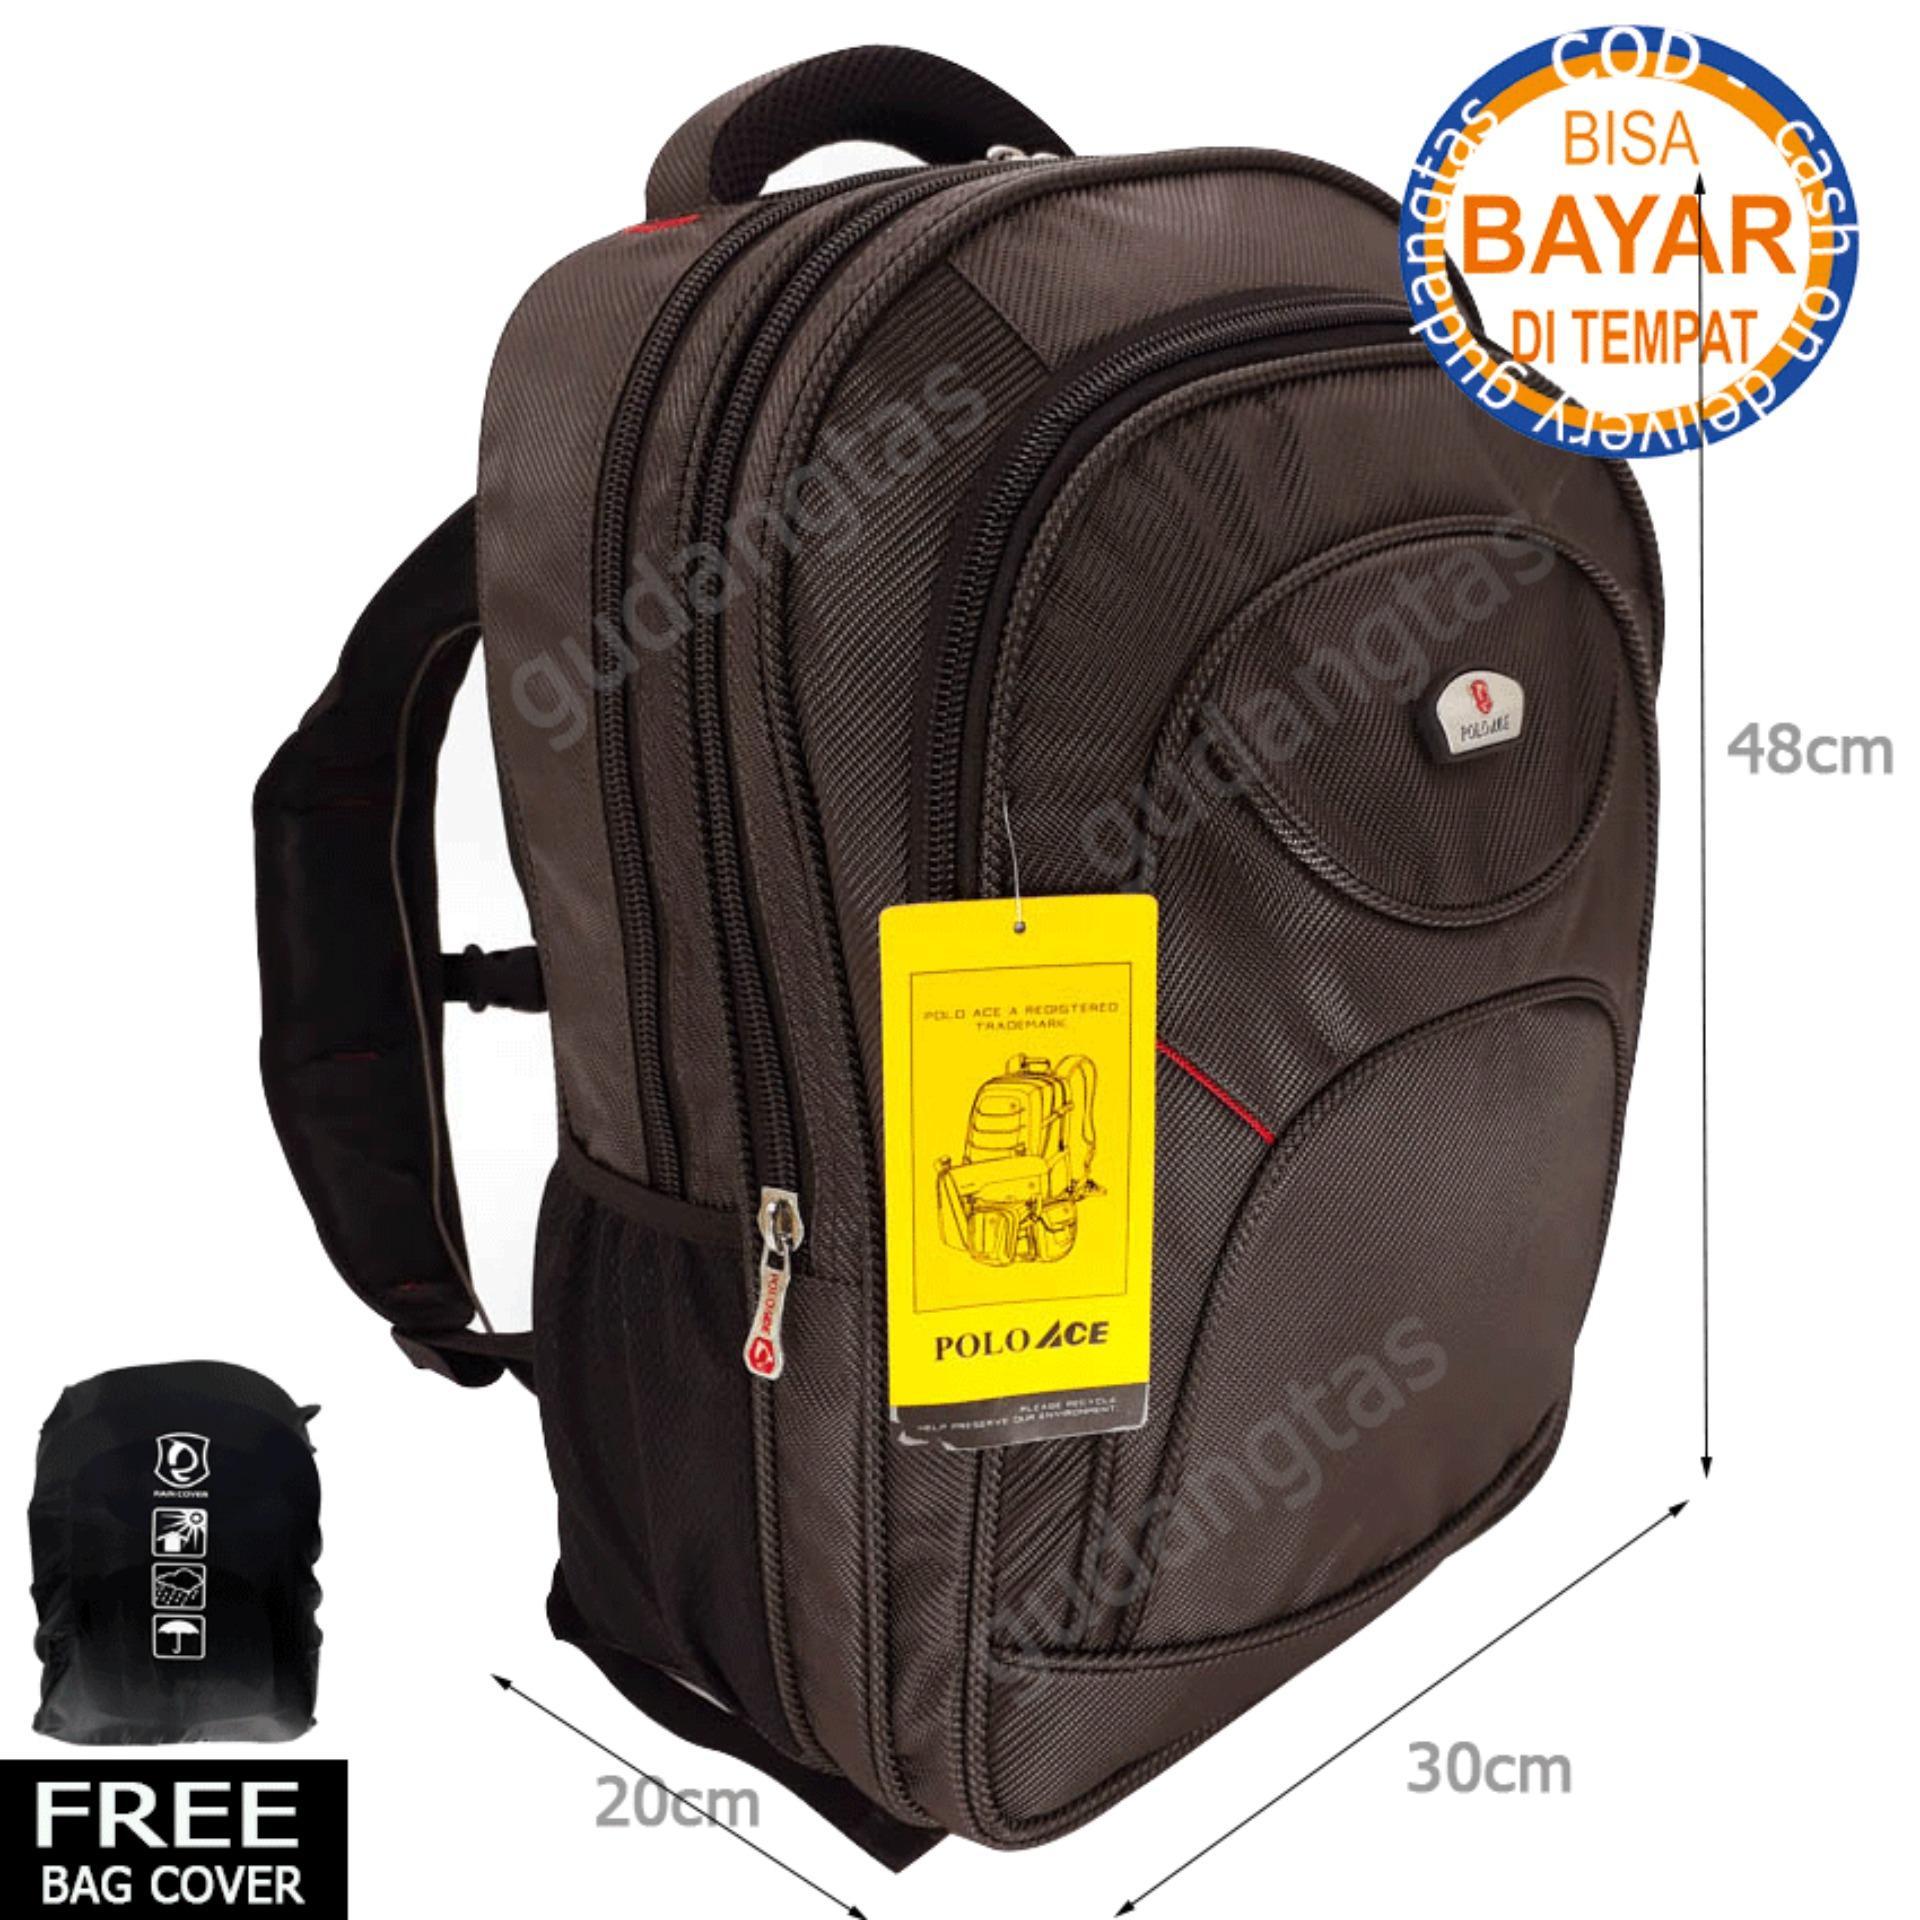 Polo Ace Tas Ransel Backpack 9085 laptop 14 inchi Coklat Pria Wanita GuDangTas Bonus Bag Cover